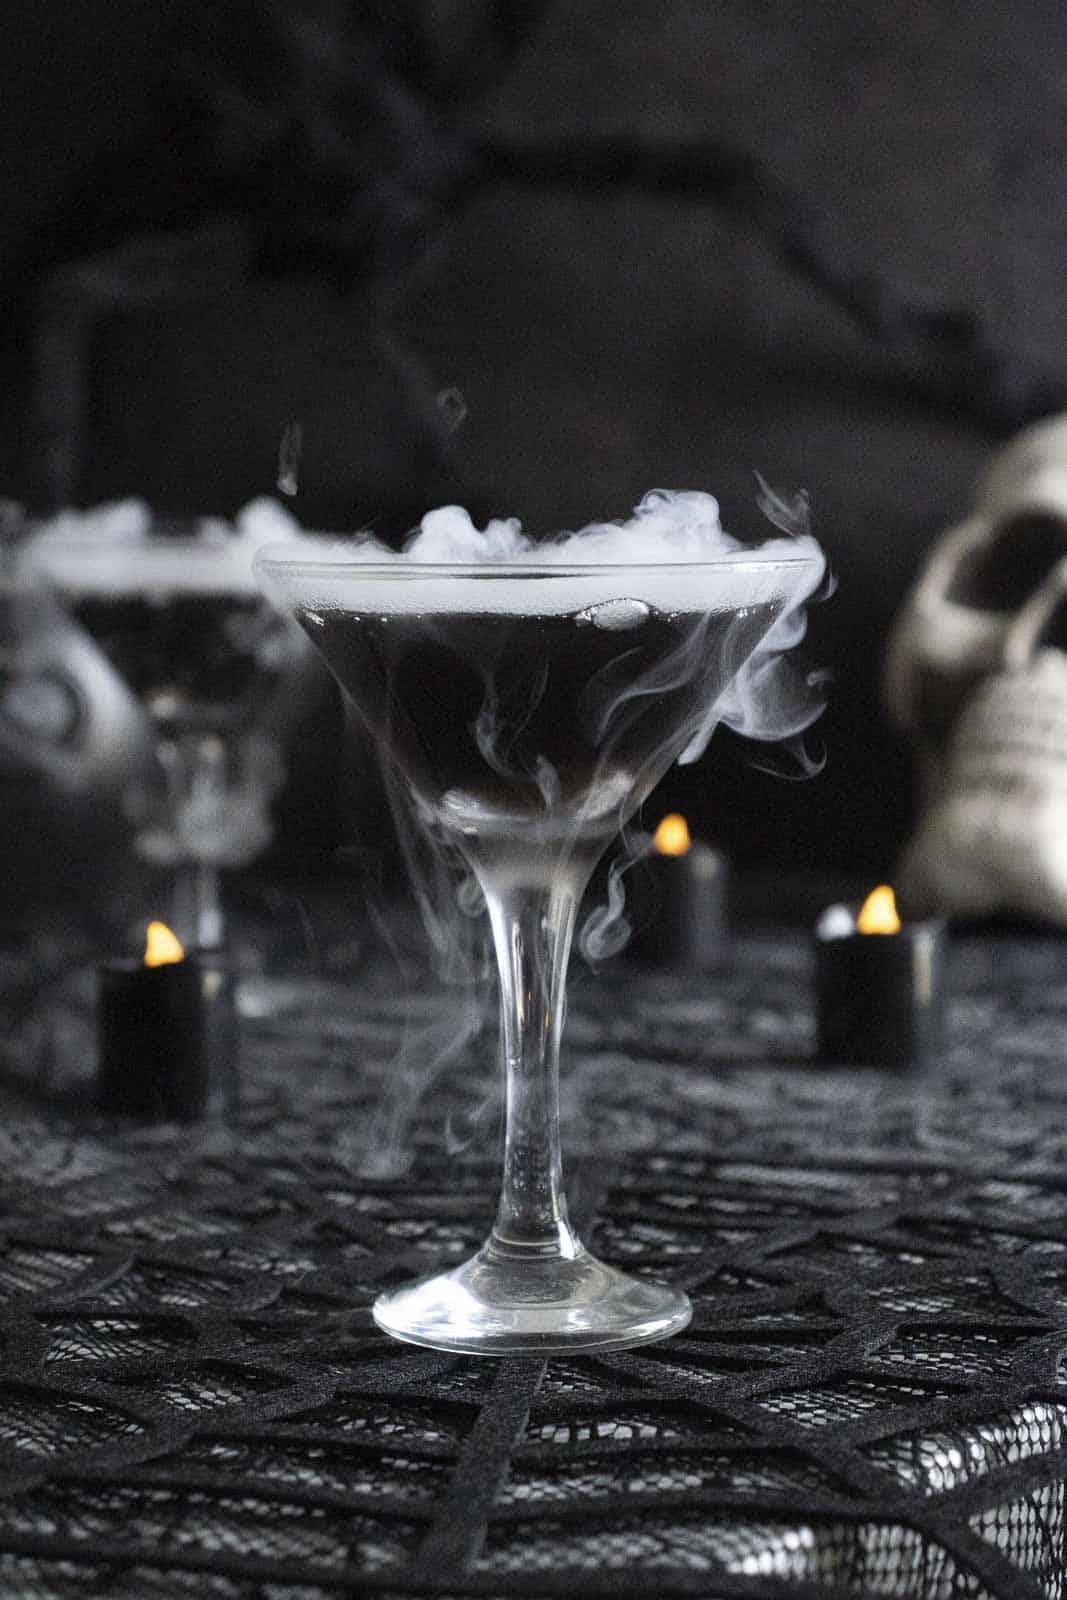 Spooky dry ice martini using black Blavod vodka.